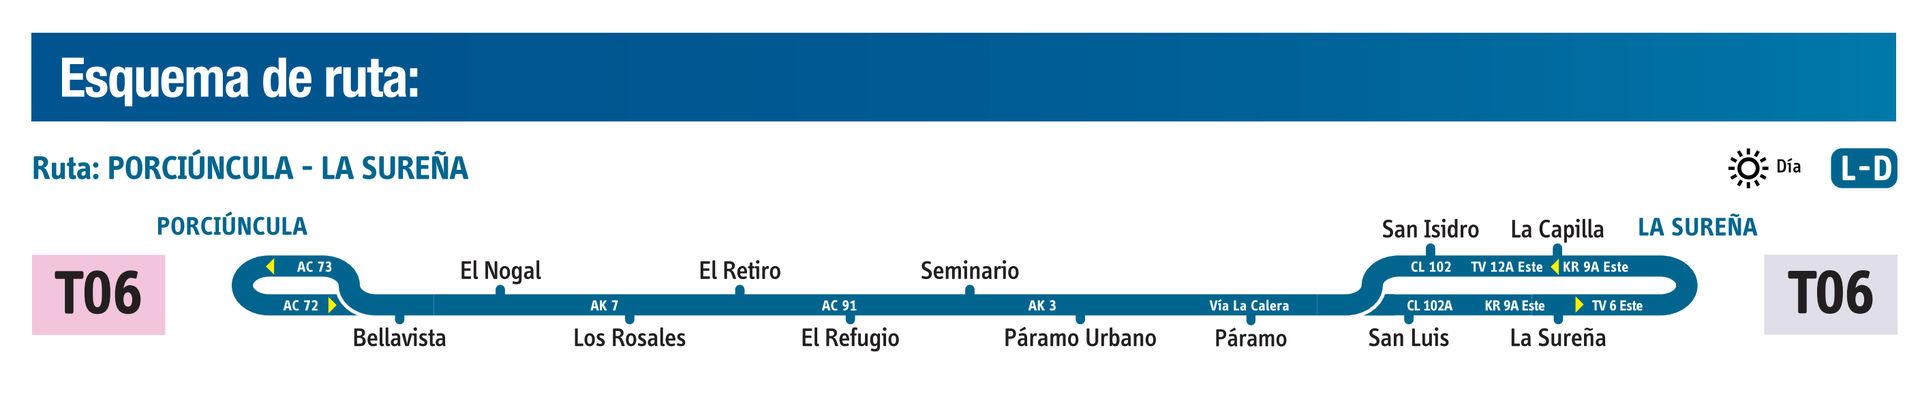 Ruta SITP: Ruta T06 Sureña ↔ Porciúncula [Urbana] 1